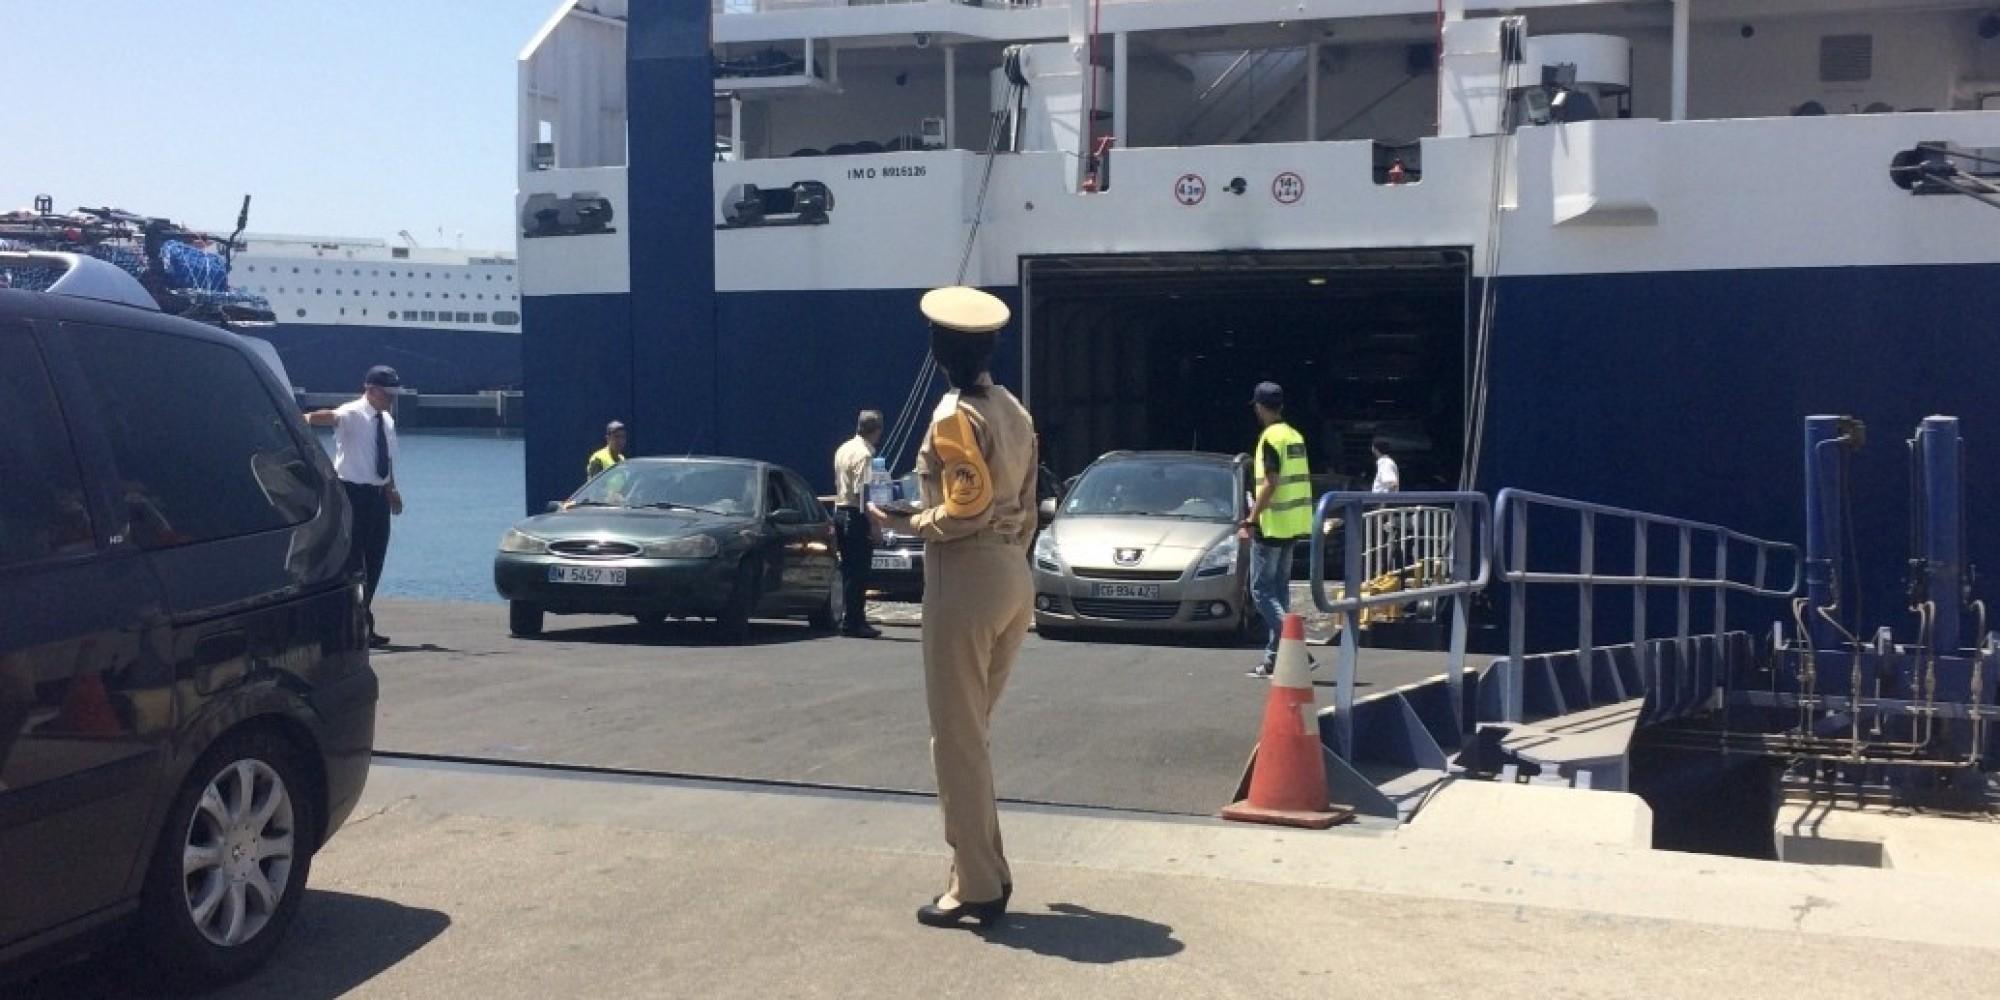 Opération «Marhaba»: La capacité du port d'Algésiras remise en question par le Chef de gouvernement